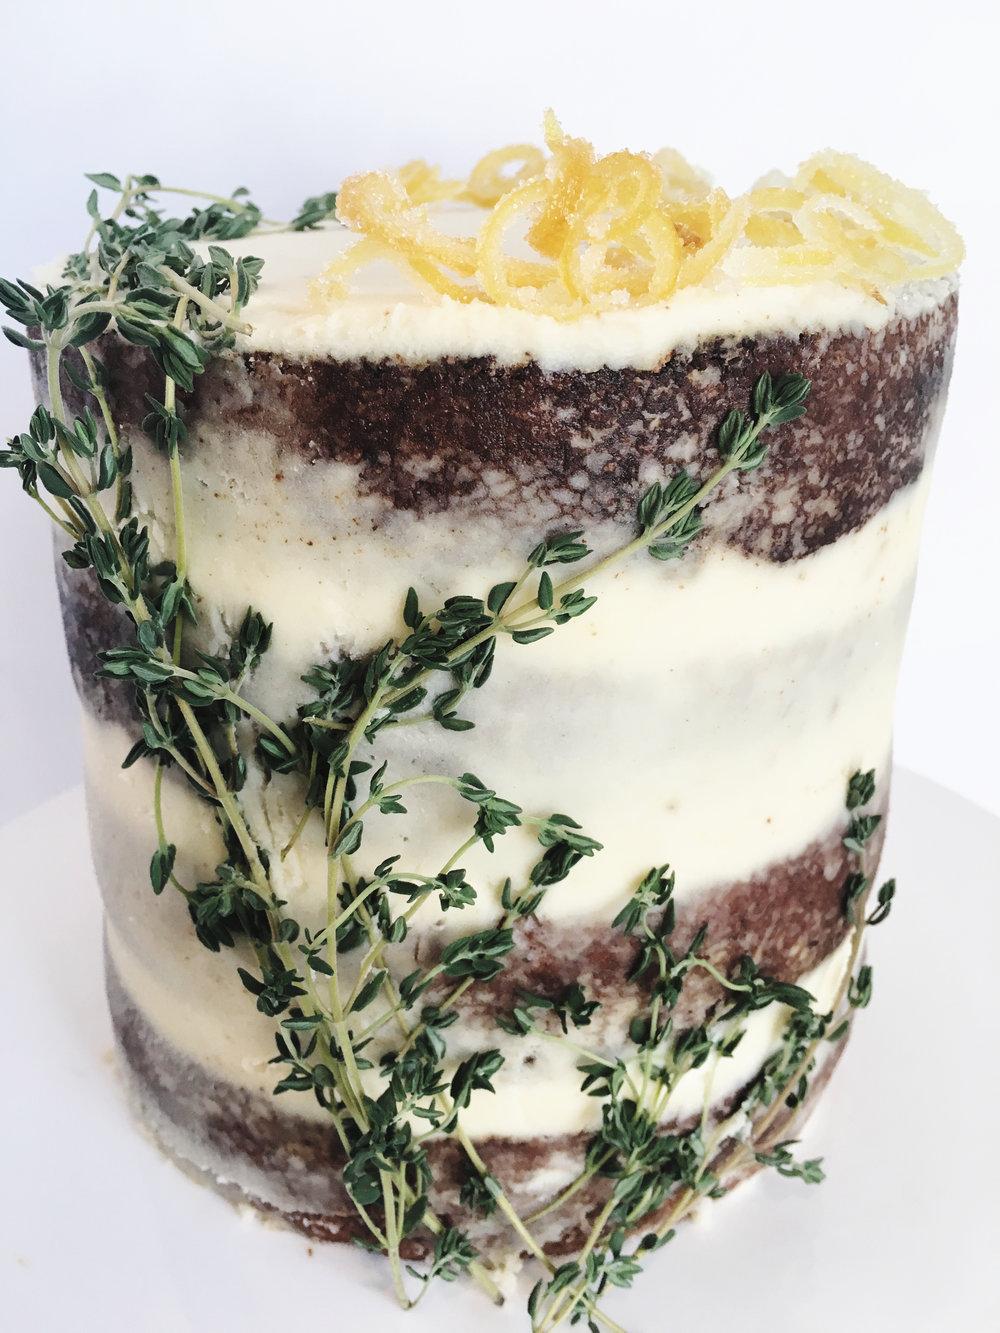 Lemon Thyme Buttercream Cake